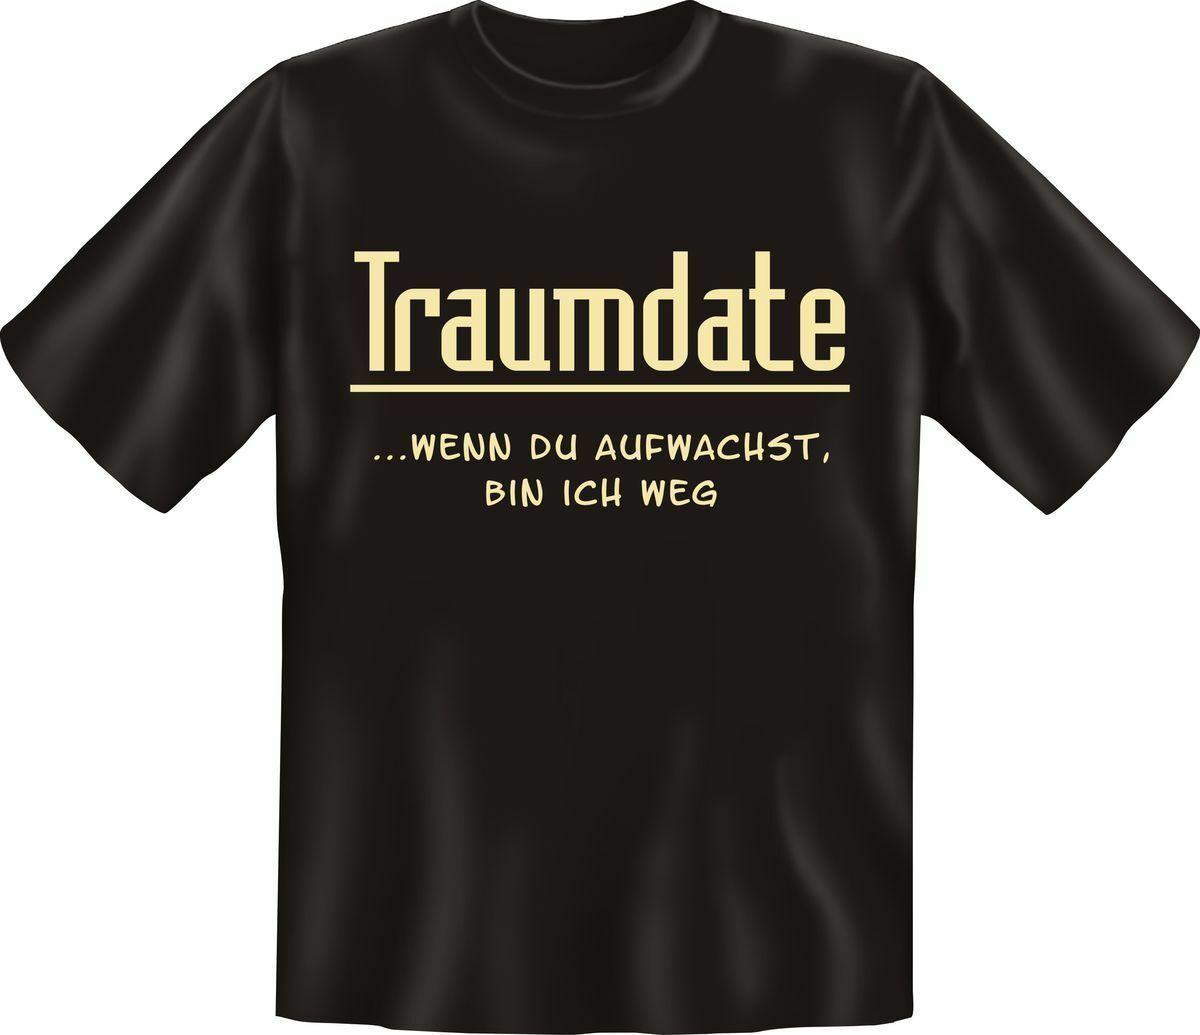 Full Size of Coole Sprüche Für Auf T Shirt Coole Sprüche Für T Shirt Druck Coole T Shirts Mit Sprüchen Coole T Shirt Sprüche Küche Coole T Shirt Sprüche